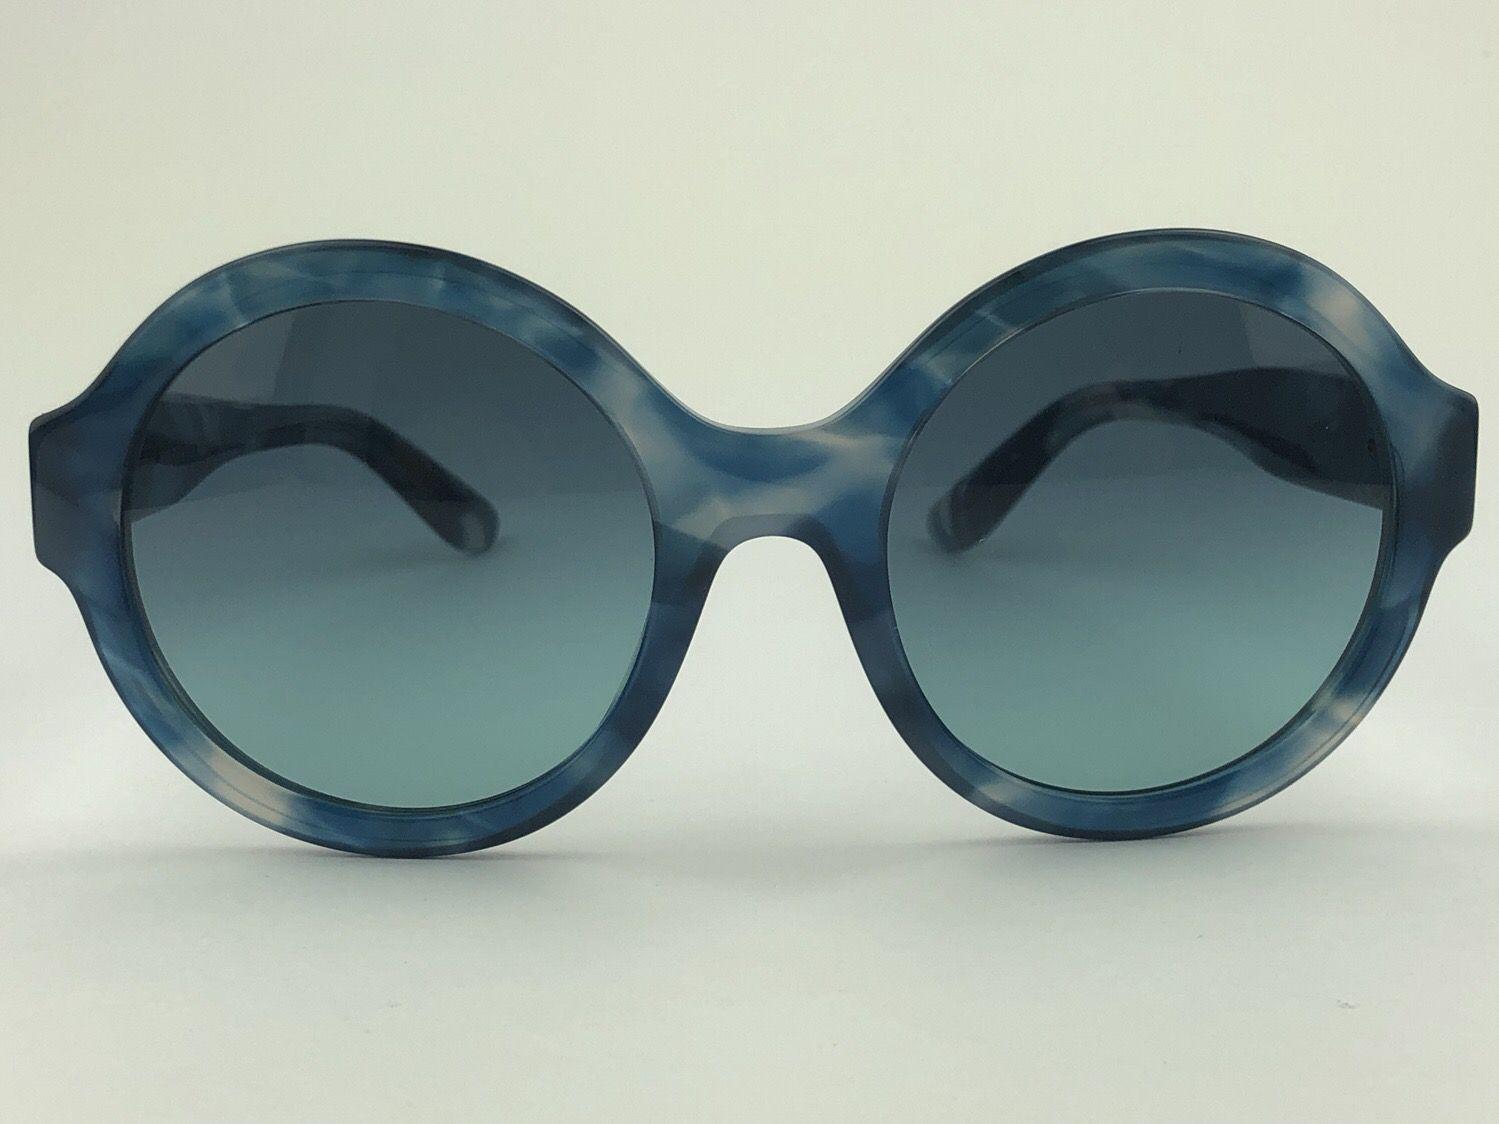 b4b3e3058 Óculos de sol kids Lacoste L3601 315 50 - Otica La Croisette